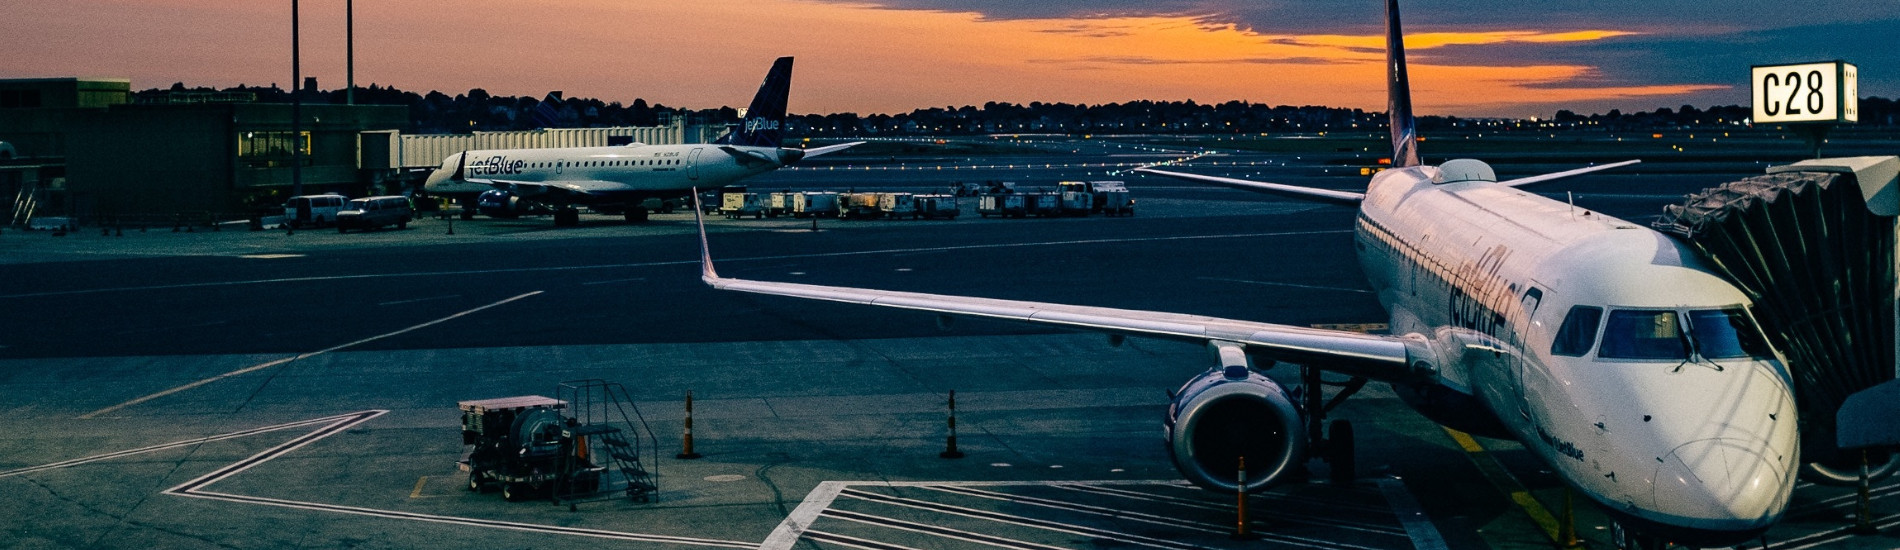 Jak skutecznie ubiegać się o odszkodowanie za odwołany lot?